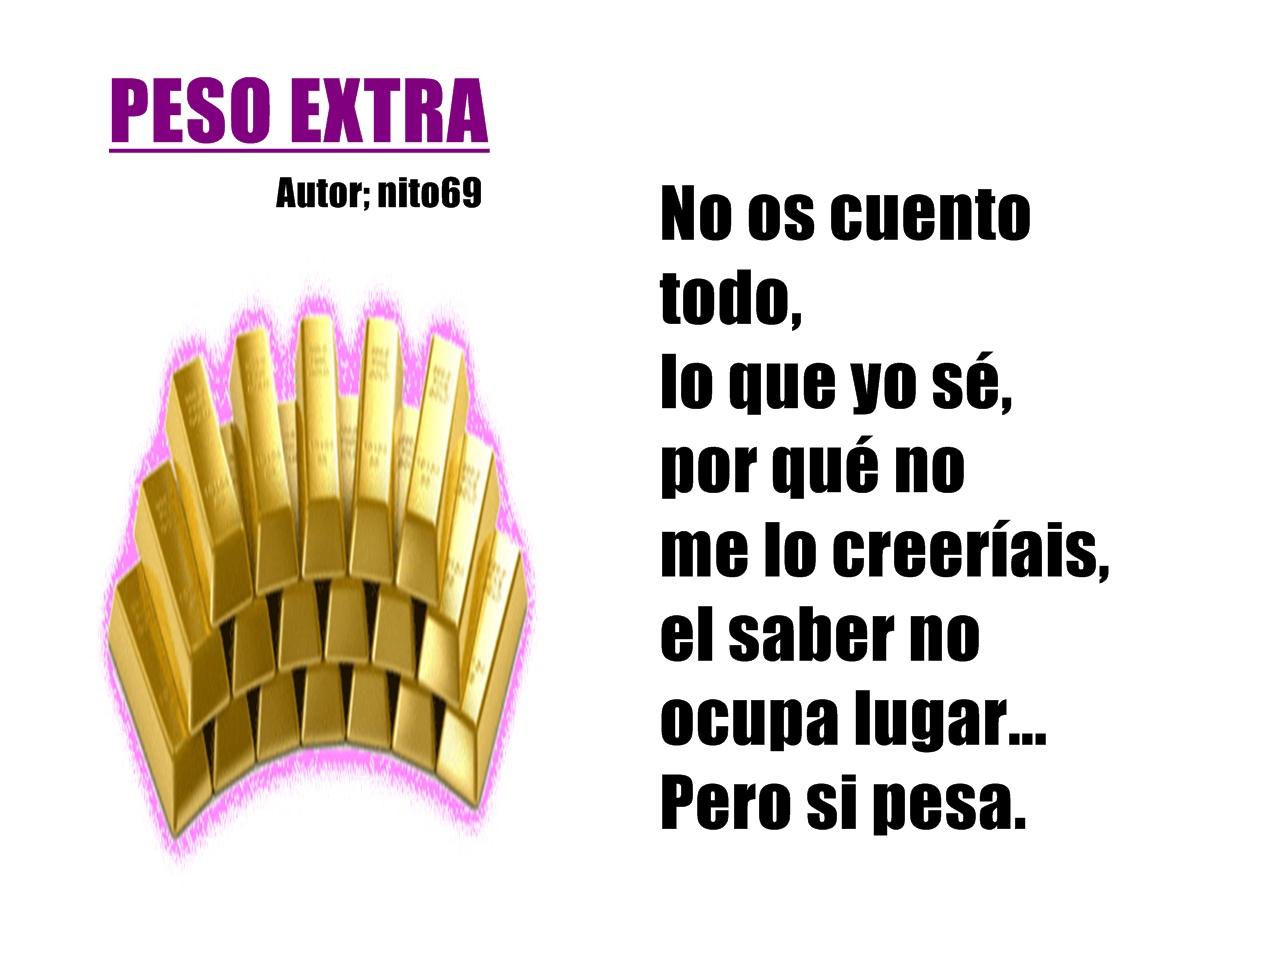 PESO EXTRA